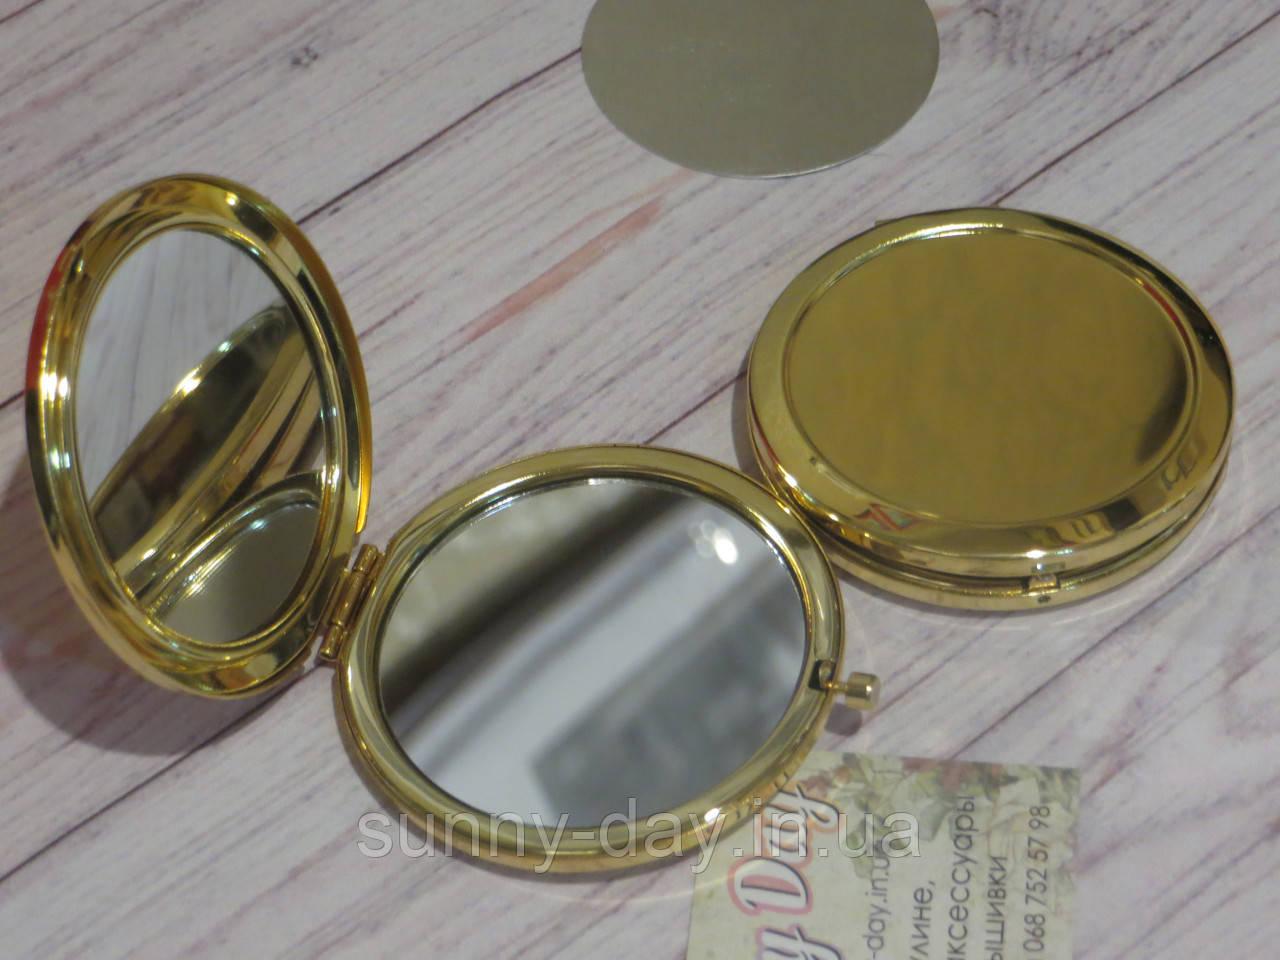 """Заготовка для оформления вышивки """"Зеркало"""", цвет - золото/глянец"""